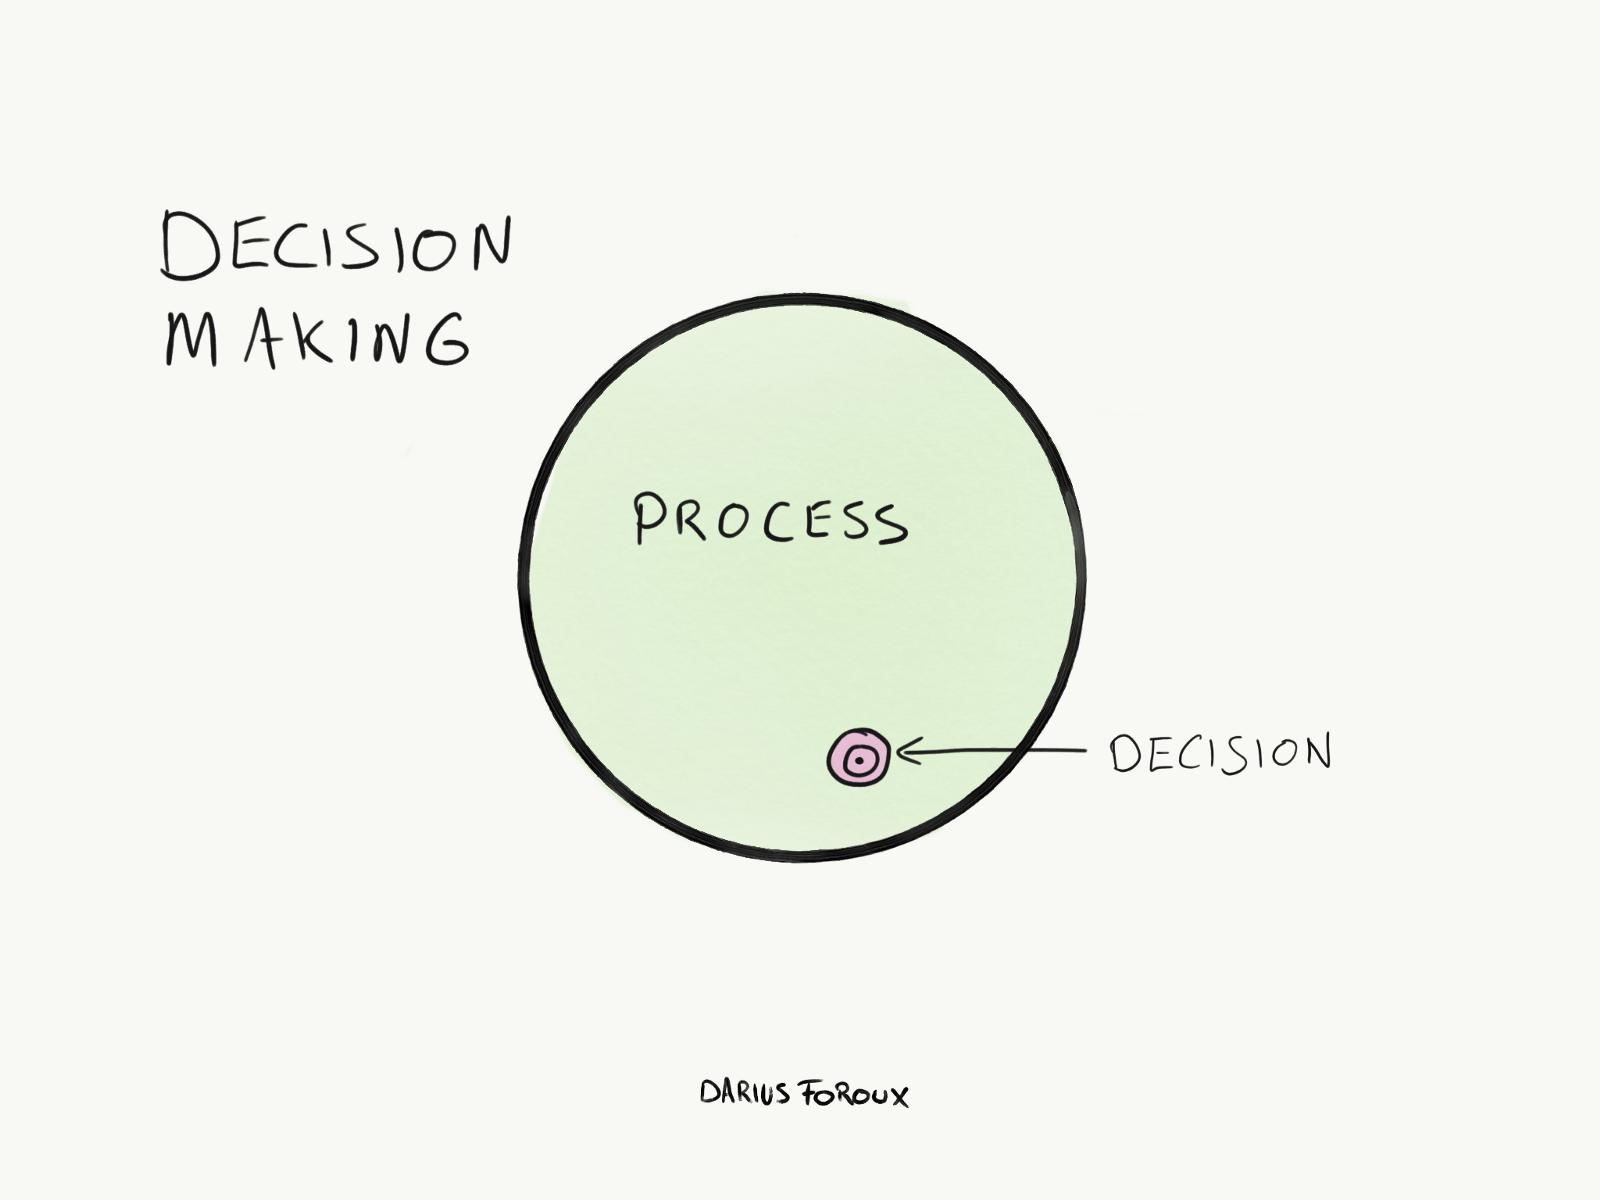 فرایند تصمیمگیری مهمتر است یا خروجی نهایی؟